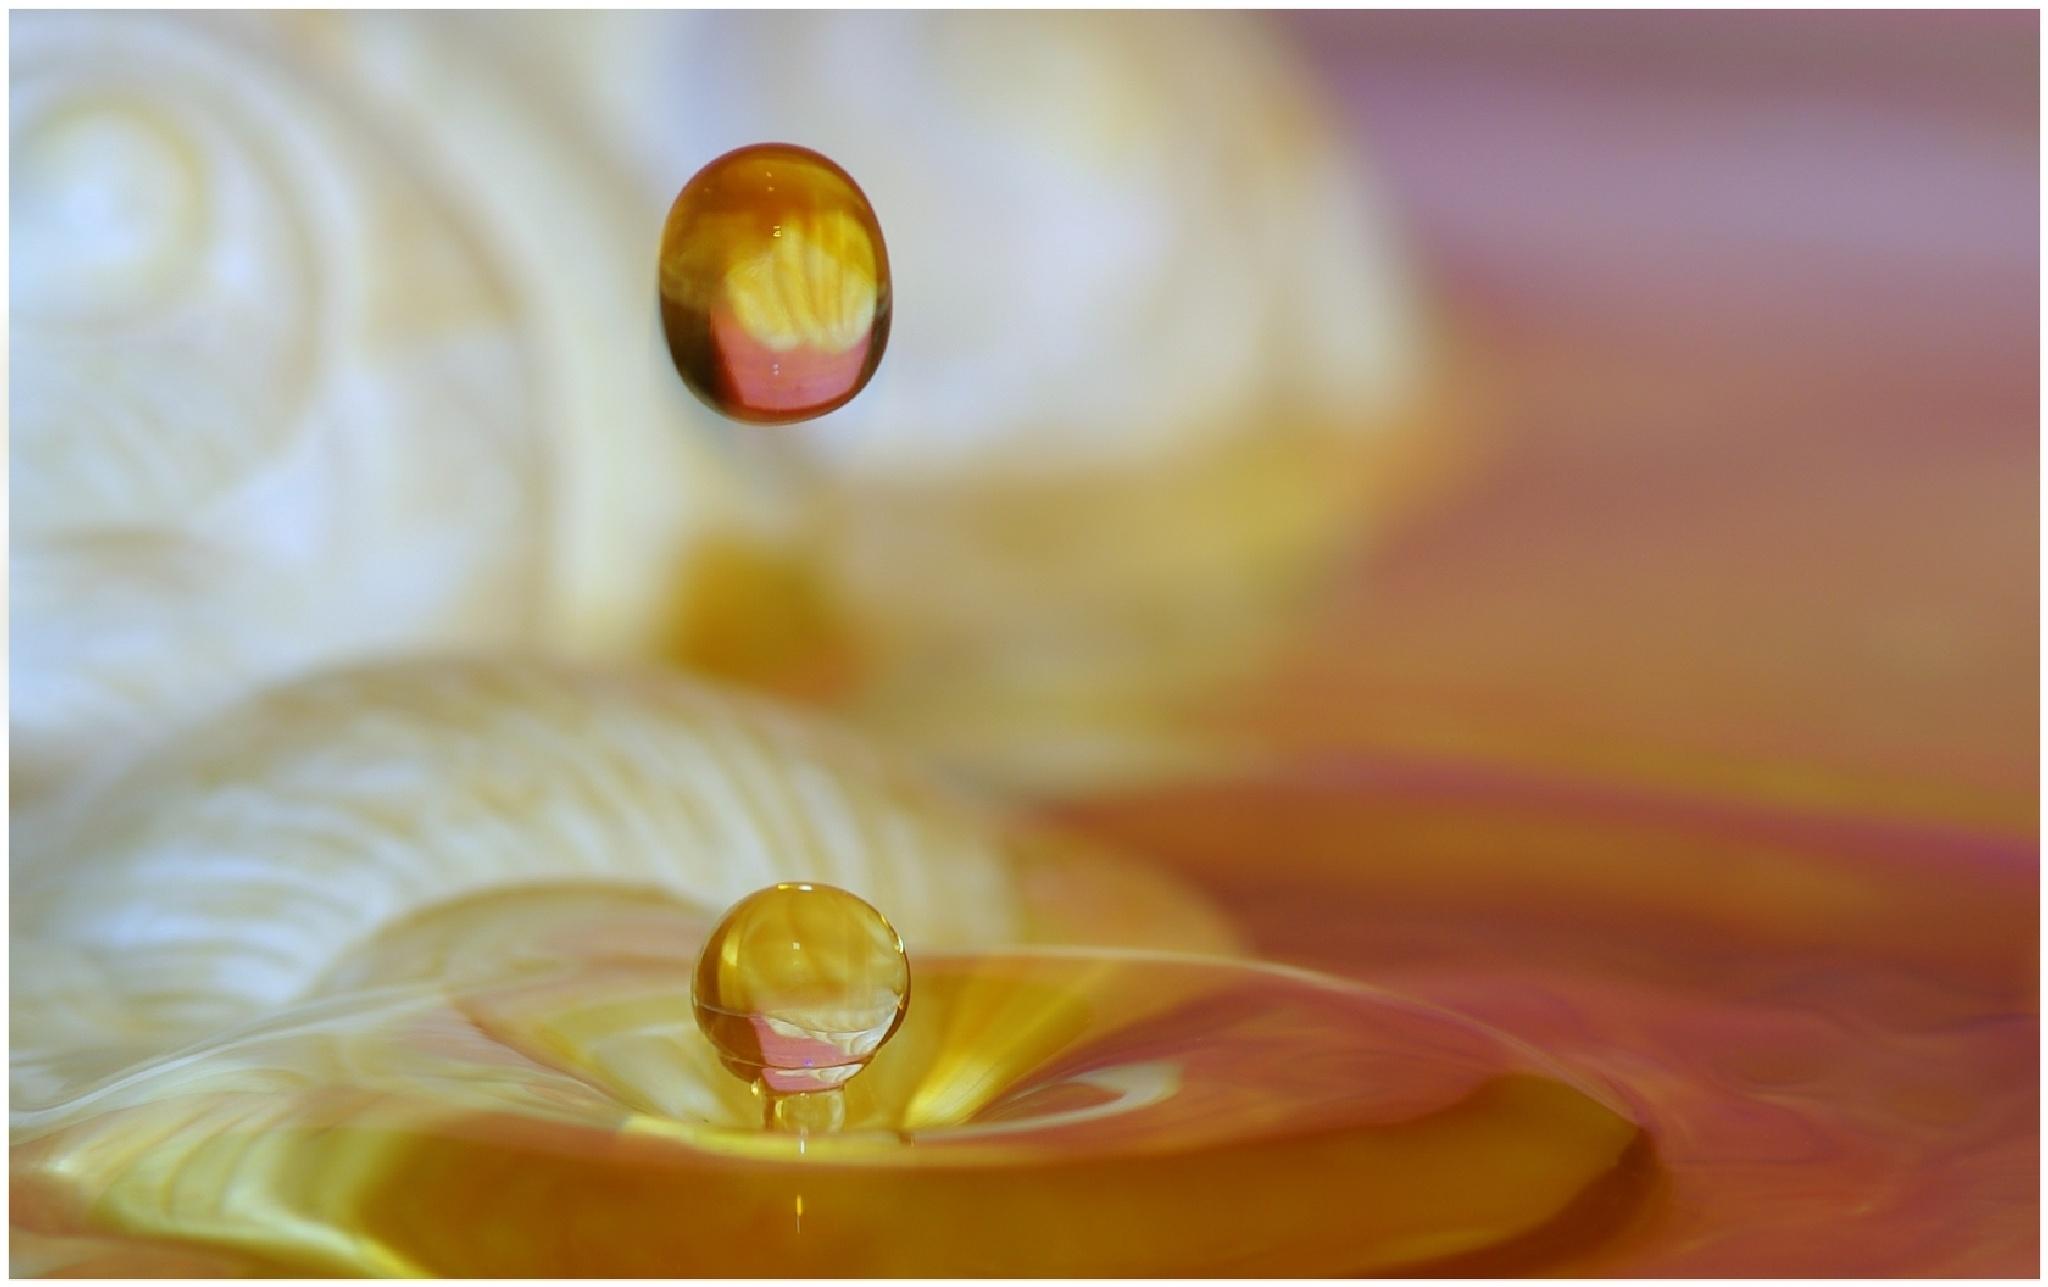 Water drop  / goutte d'eau by Fernand Larochelle